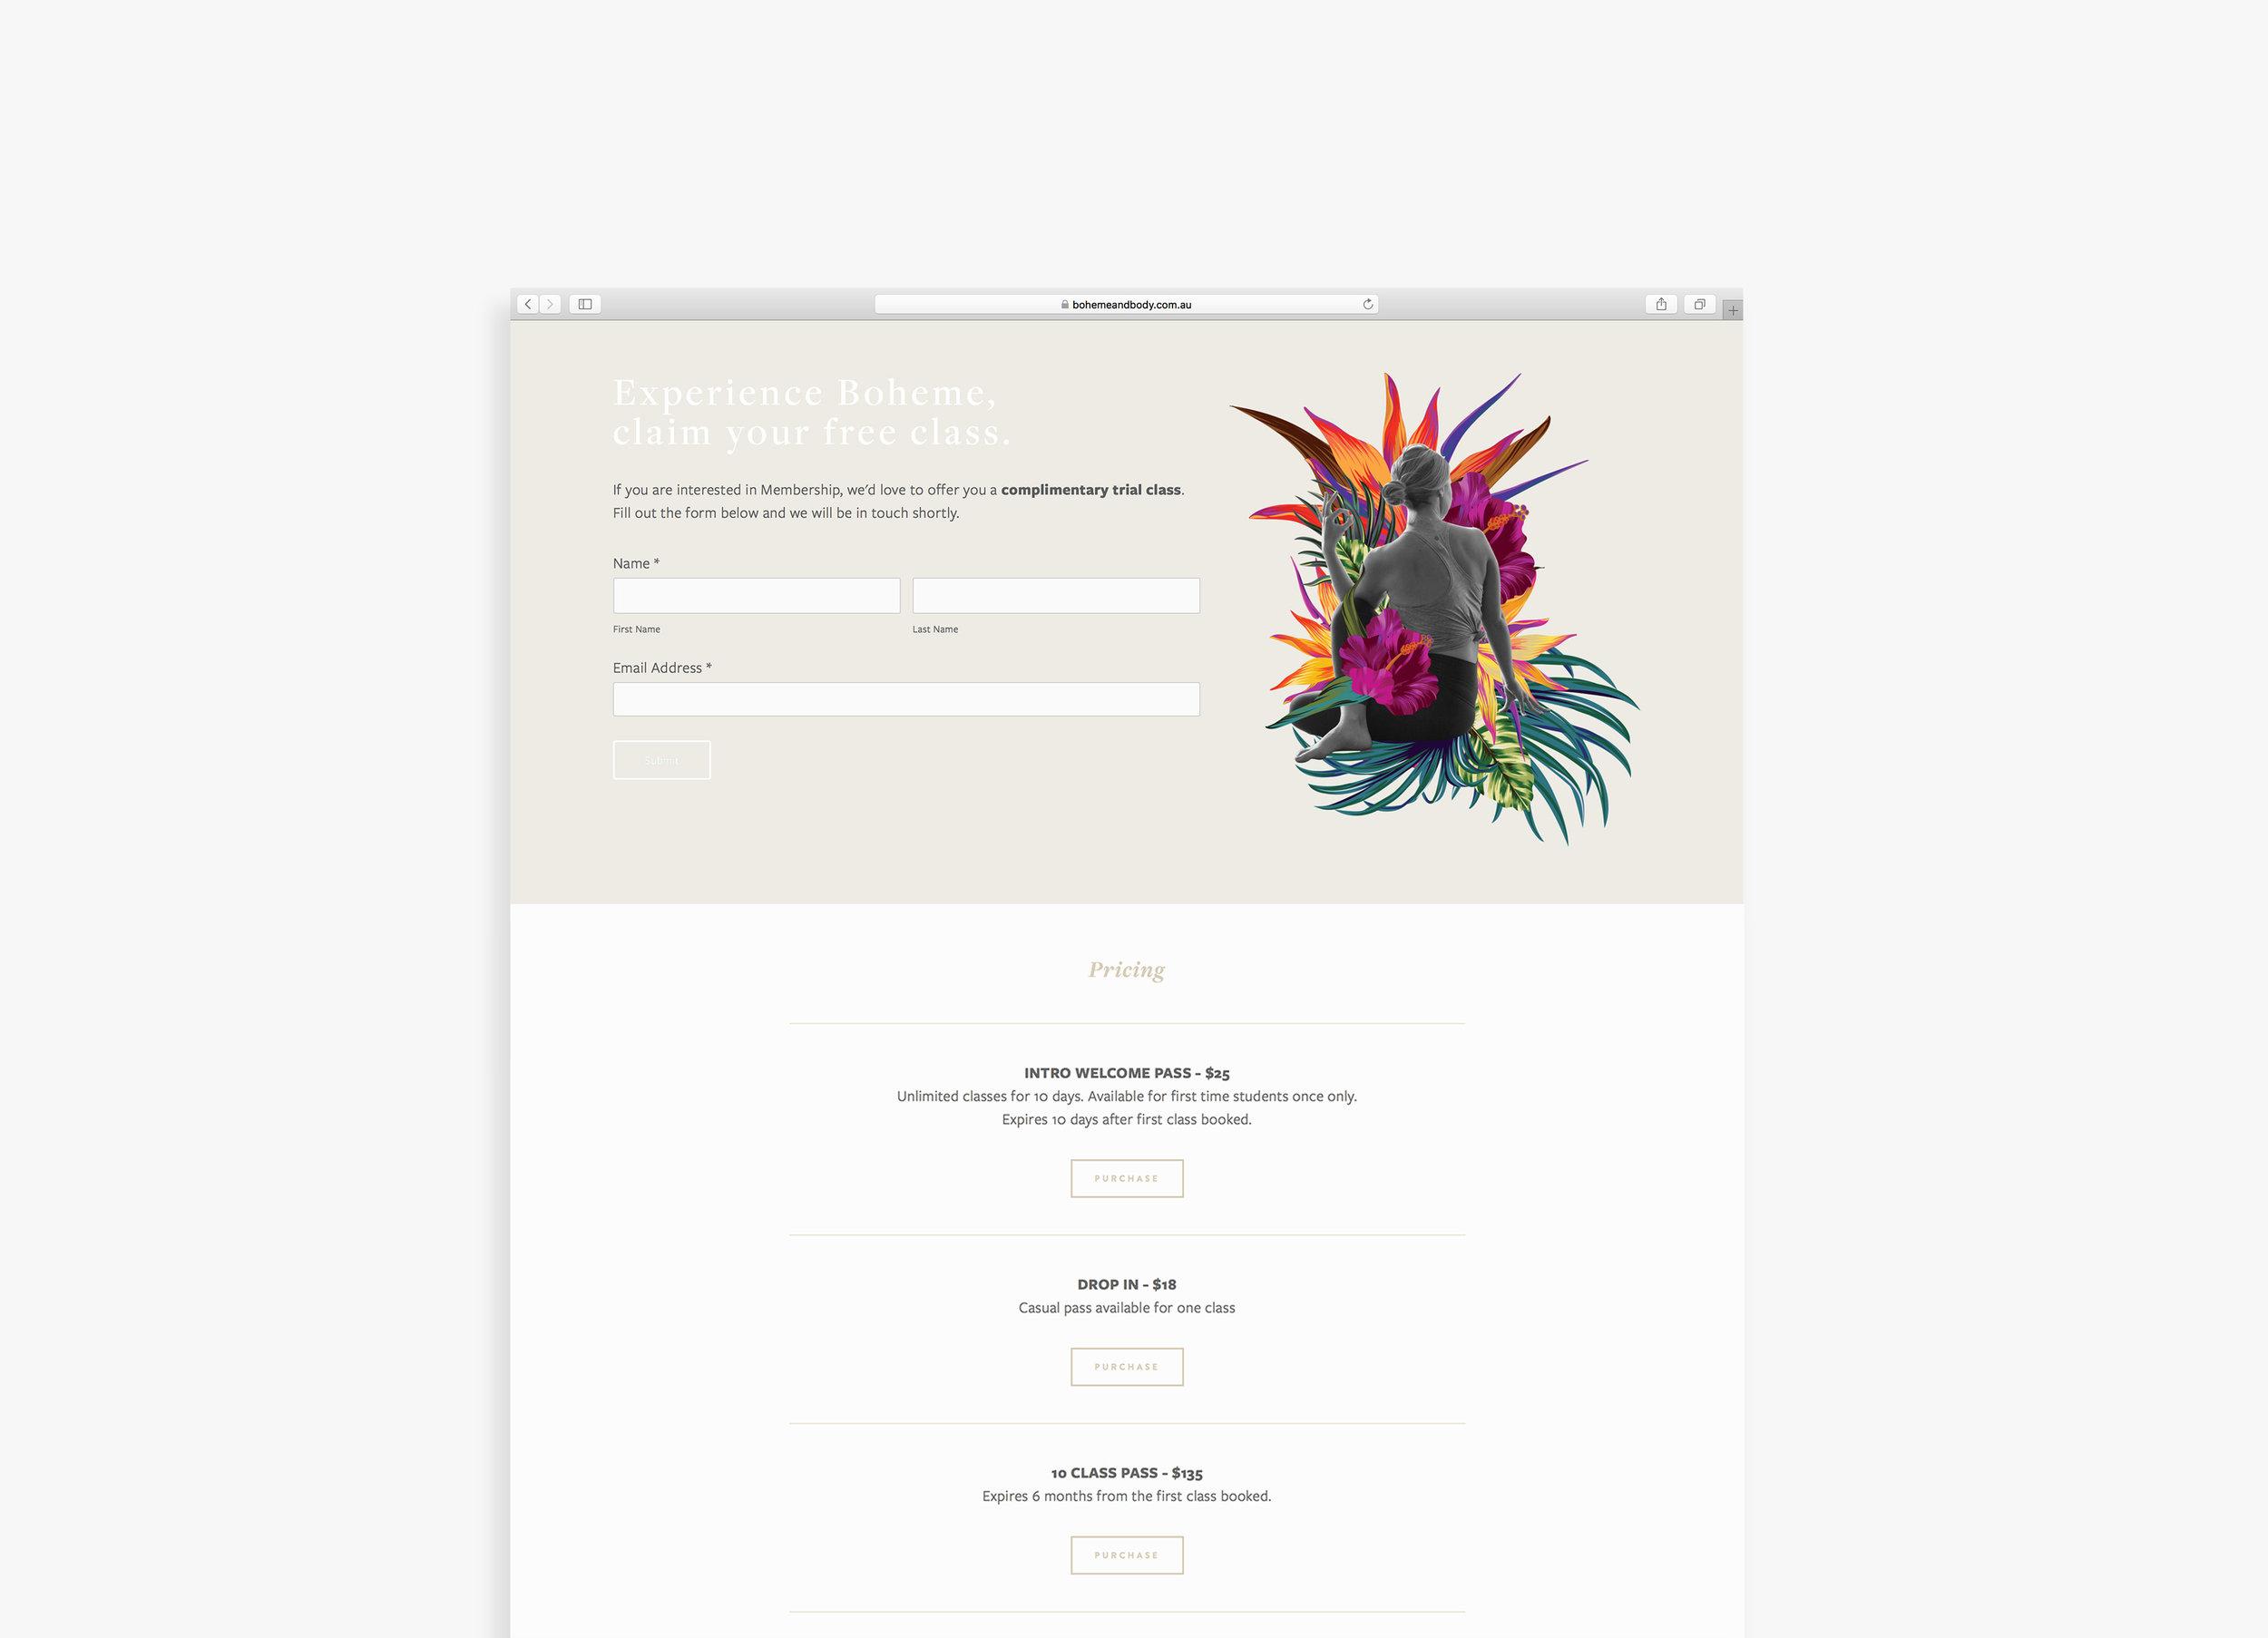 boheme-web-3.jpg